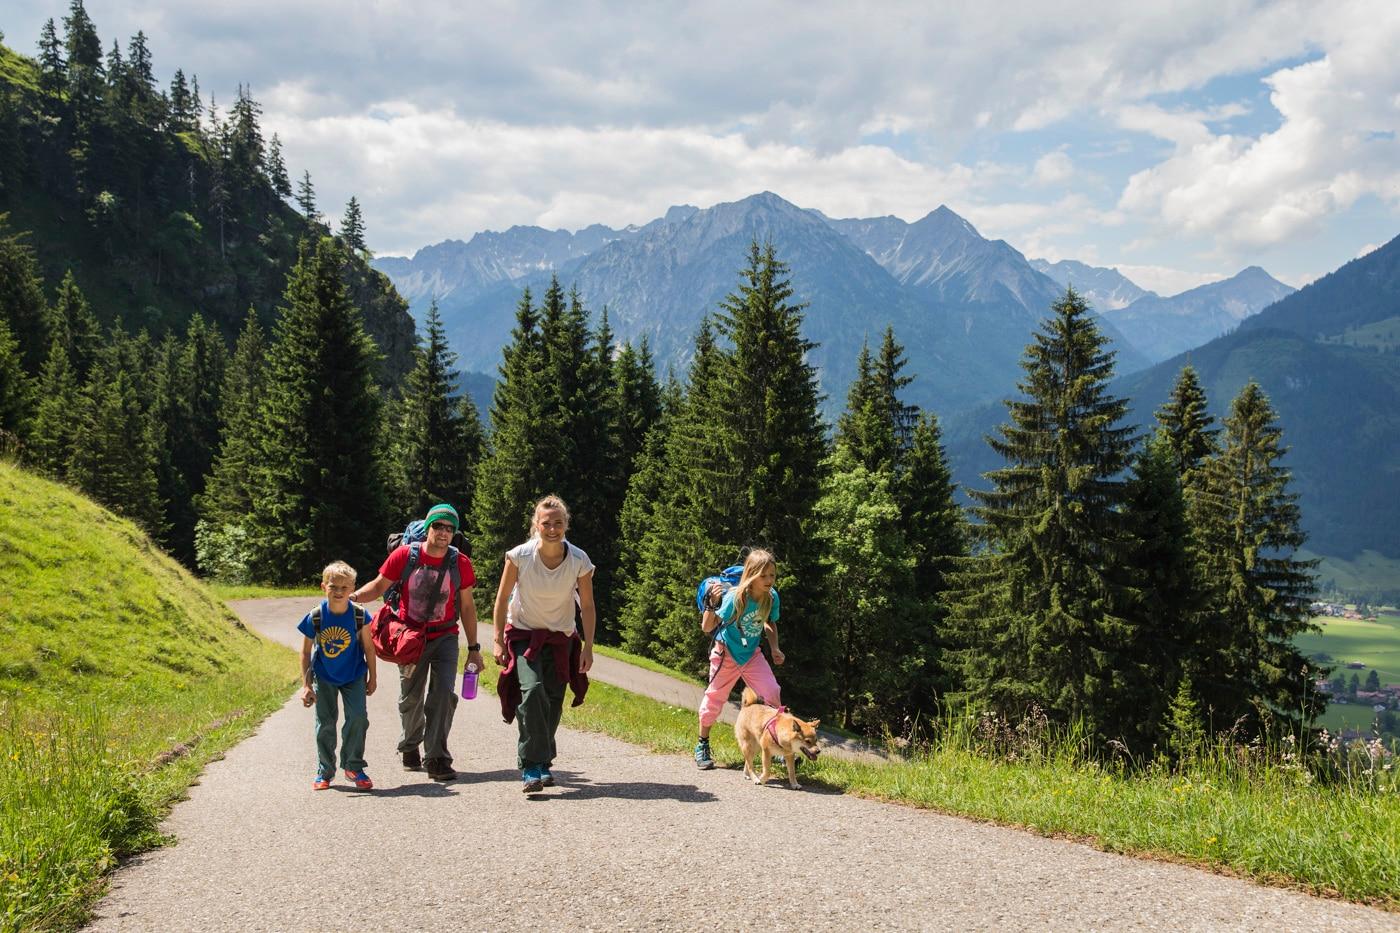 Kletterausrüstung Kinder : Klettern mit kindern die richtige ausrüstung bergwelten